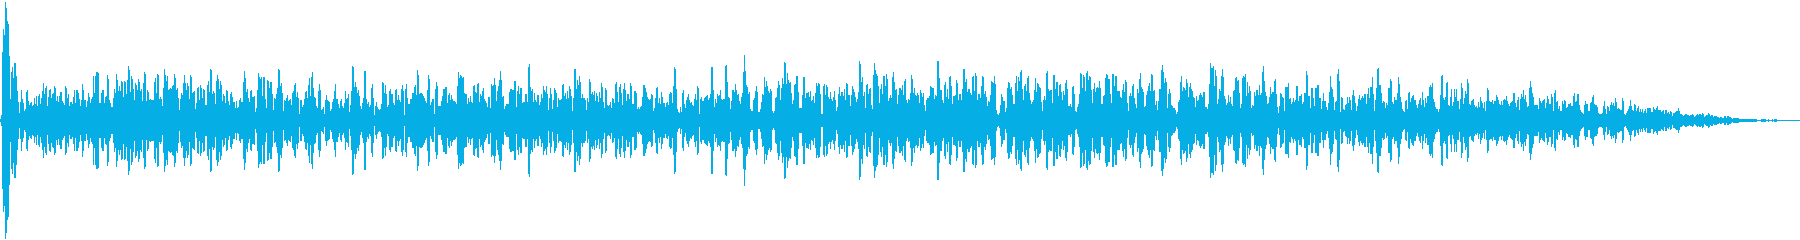 ドッキング解除、圧力解放スペースド...の再生済みの波形